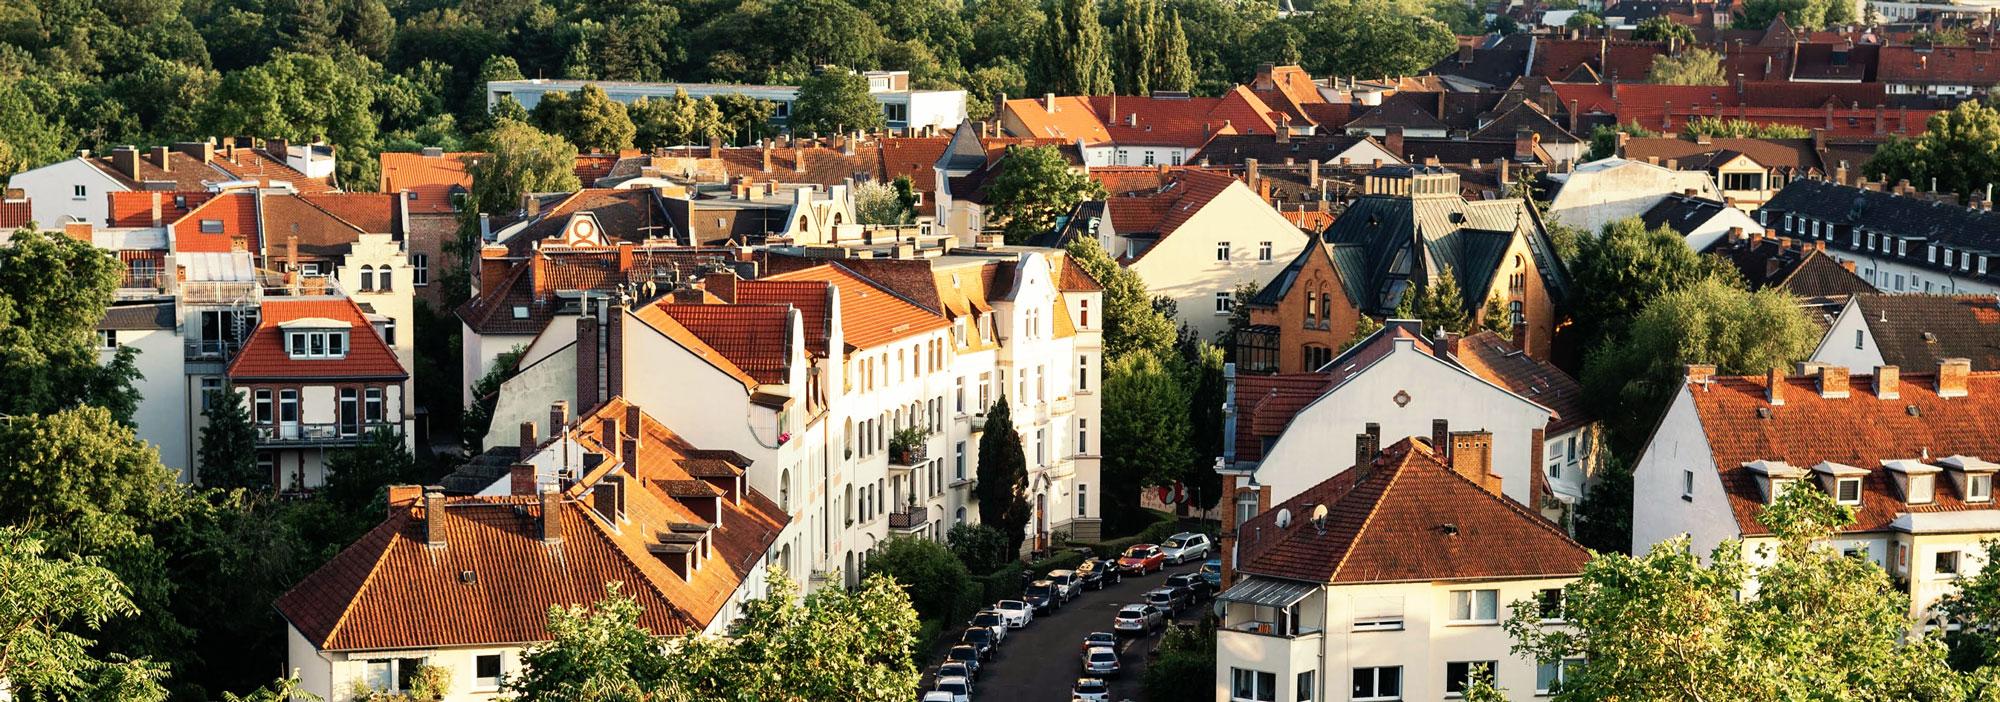 Traut Immobilien Kassel